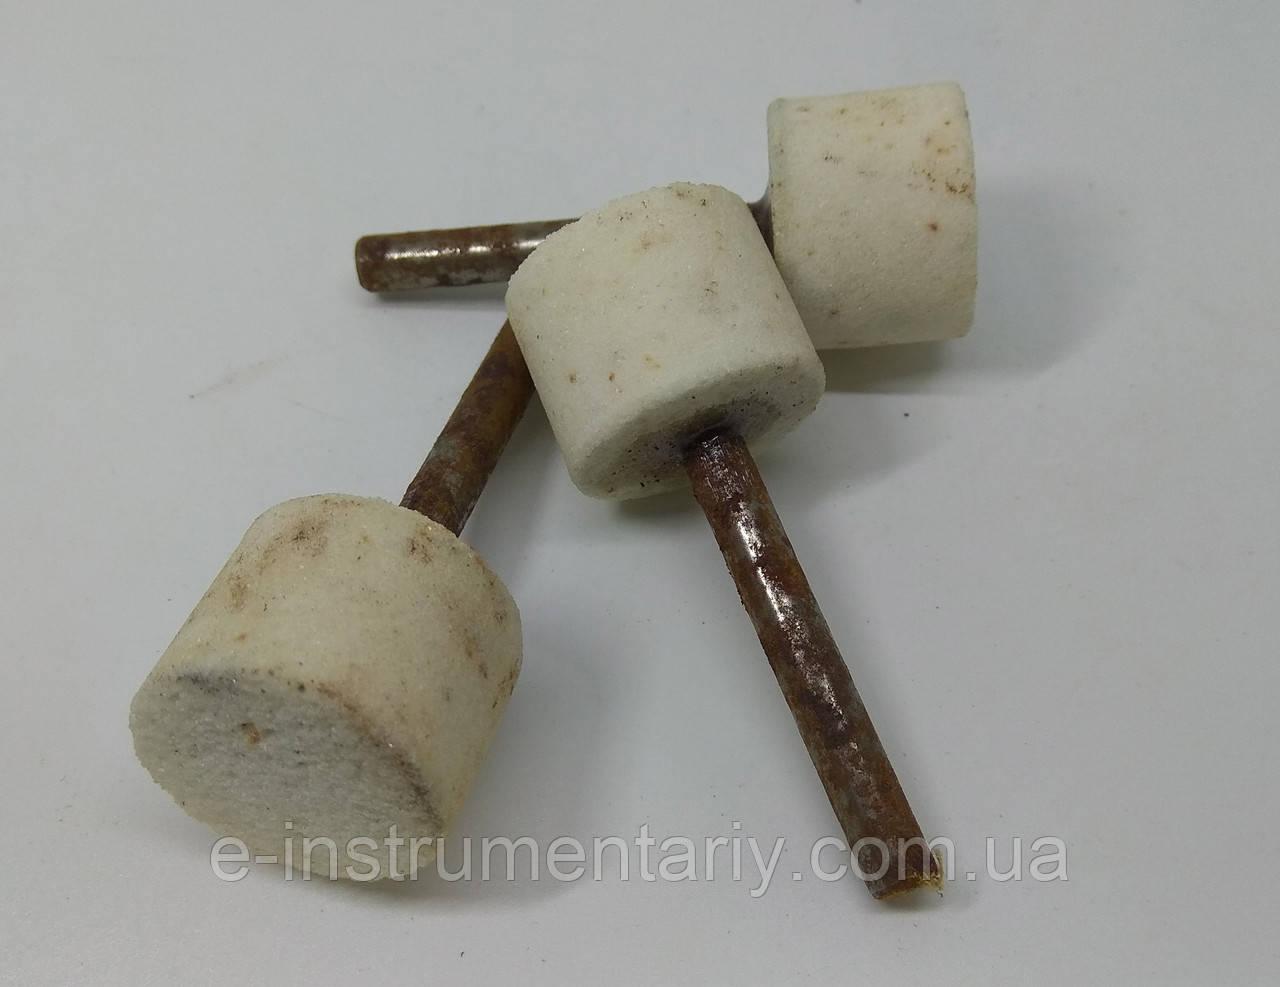 Головка шлифовальная цилиндрическая 25х20х6 25а - белый электрокорунд